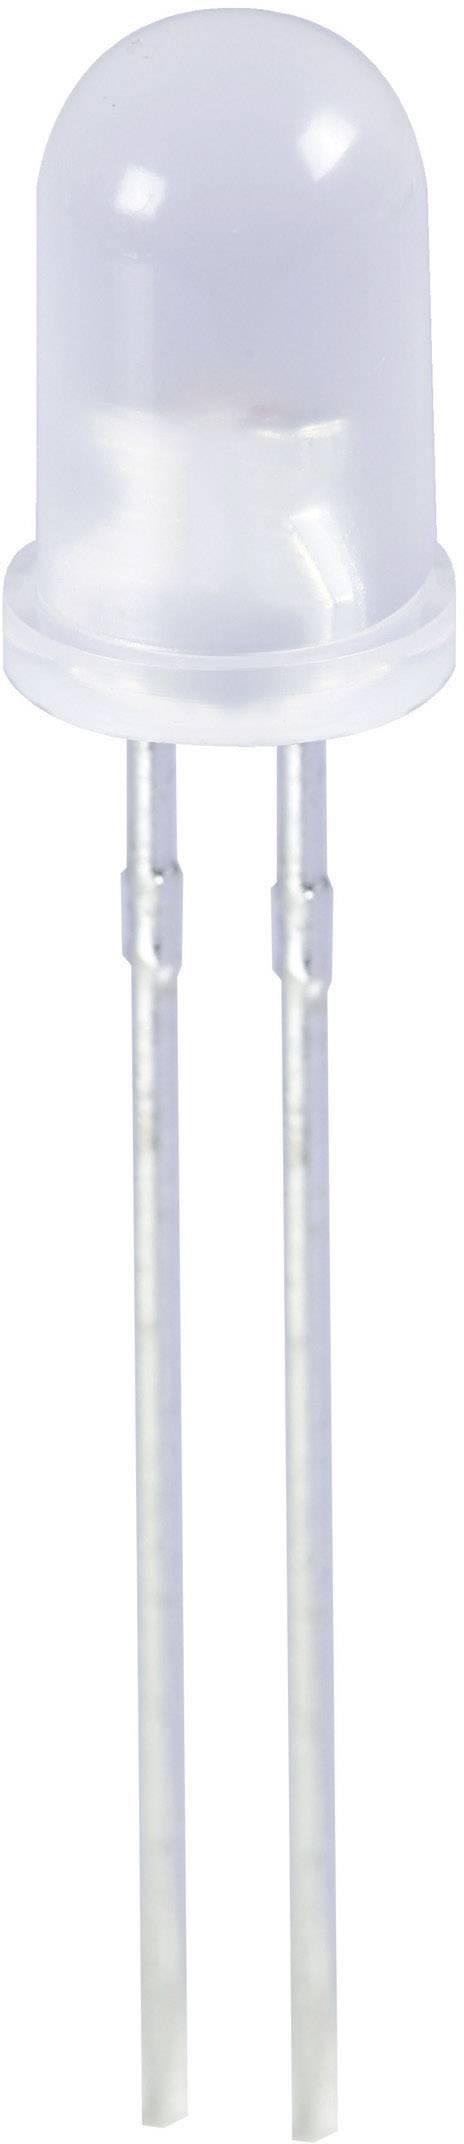 LED dioda kulatá s vývody Kingbright, L-57YYD, 20 mA, 5 mm, 2,1 V, 60 °, 12 mcd, žlutá/žlutá